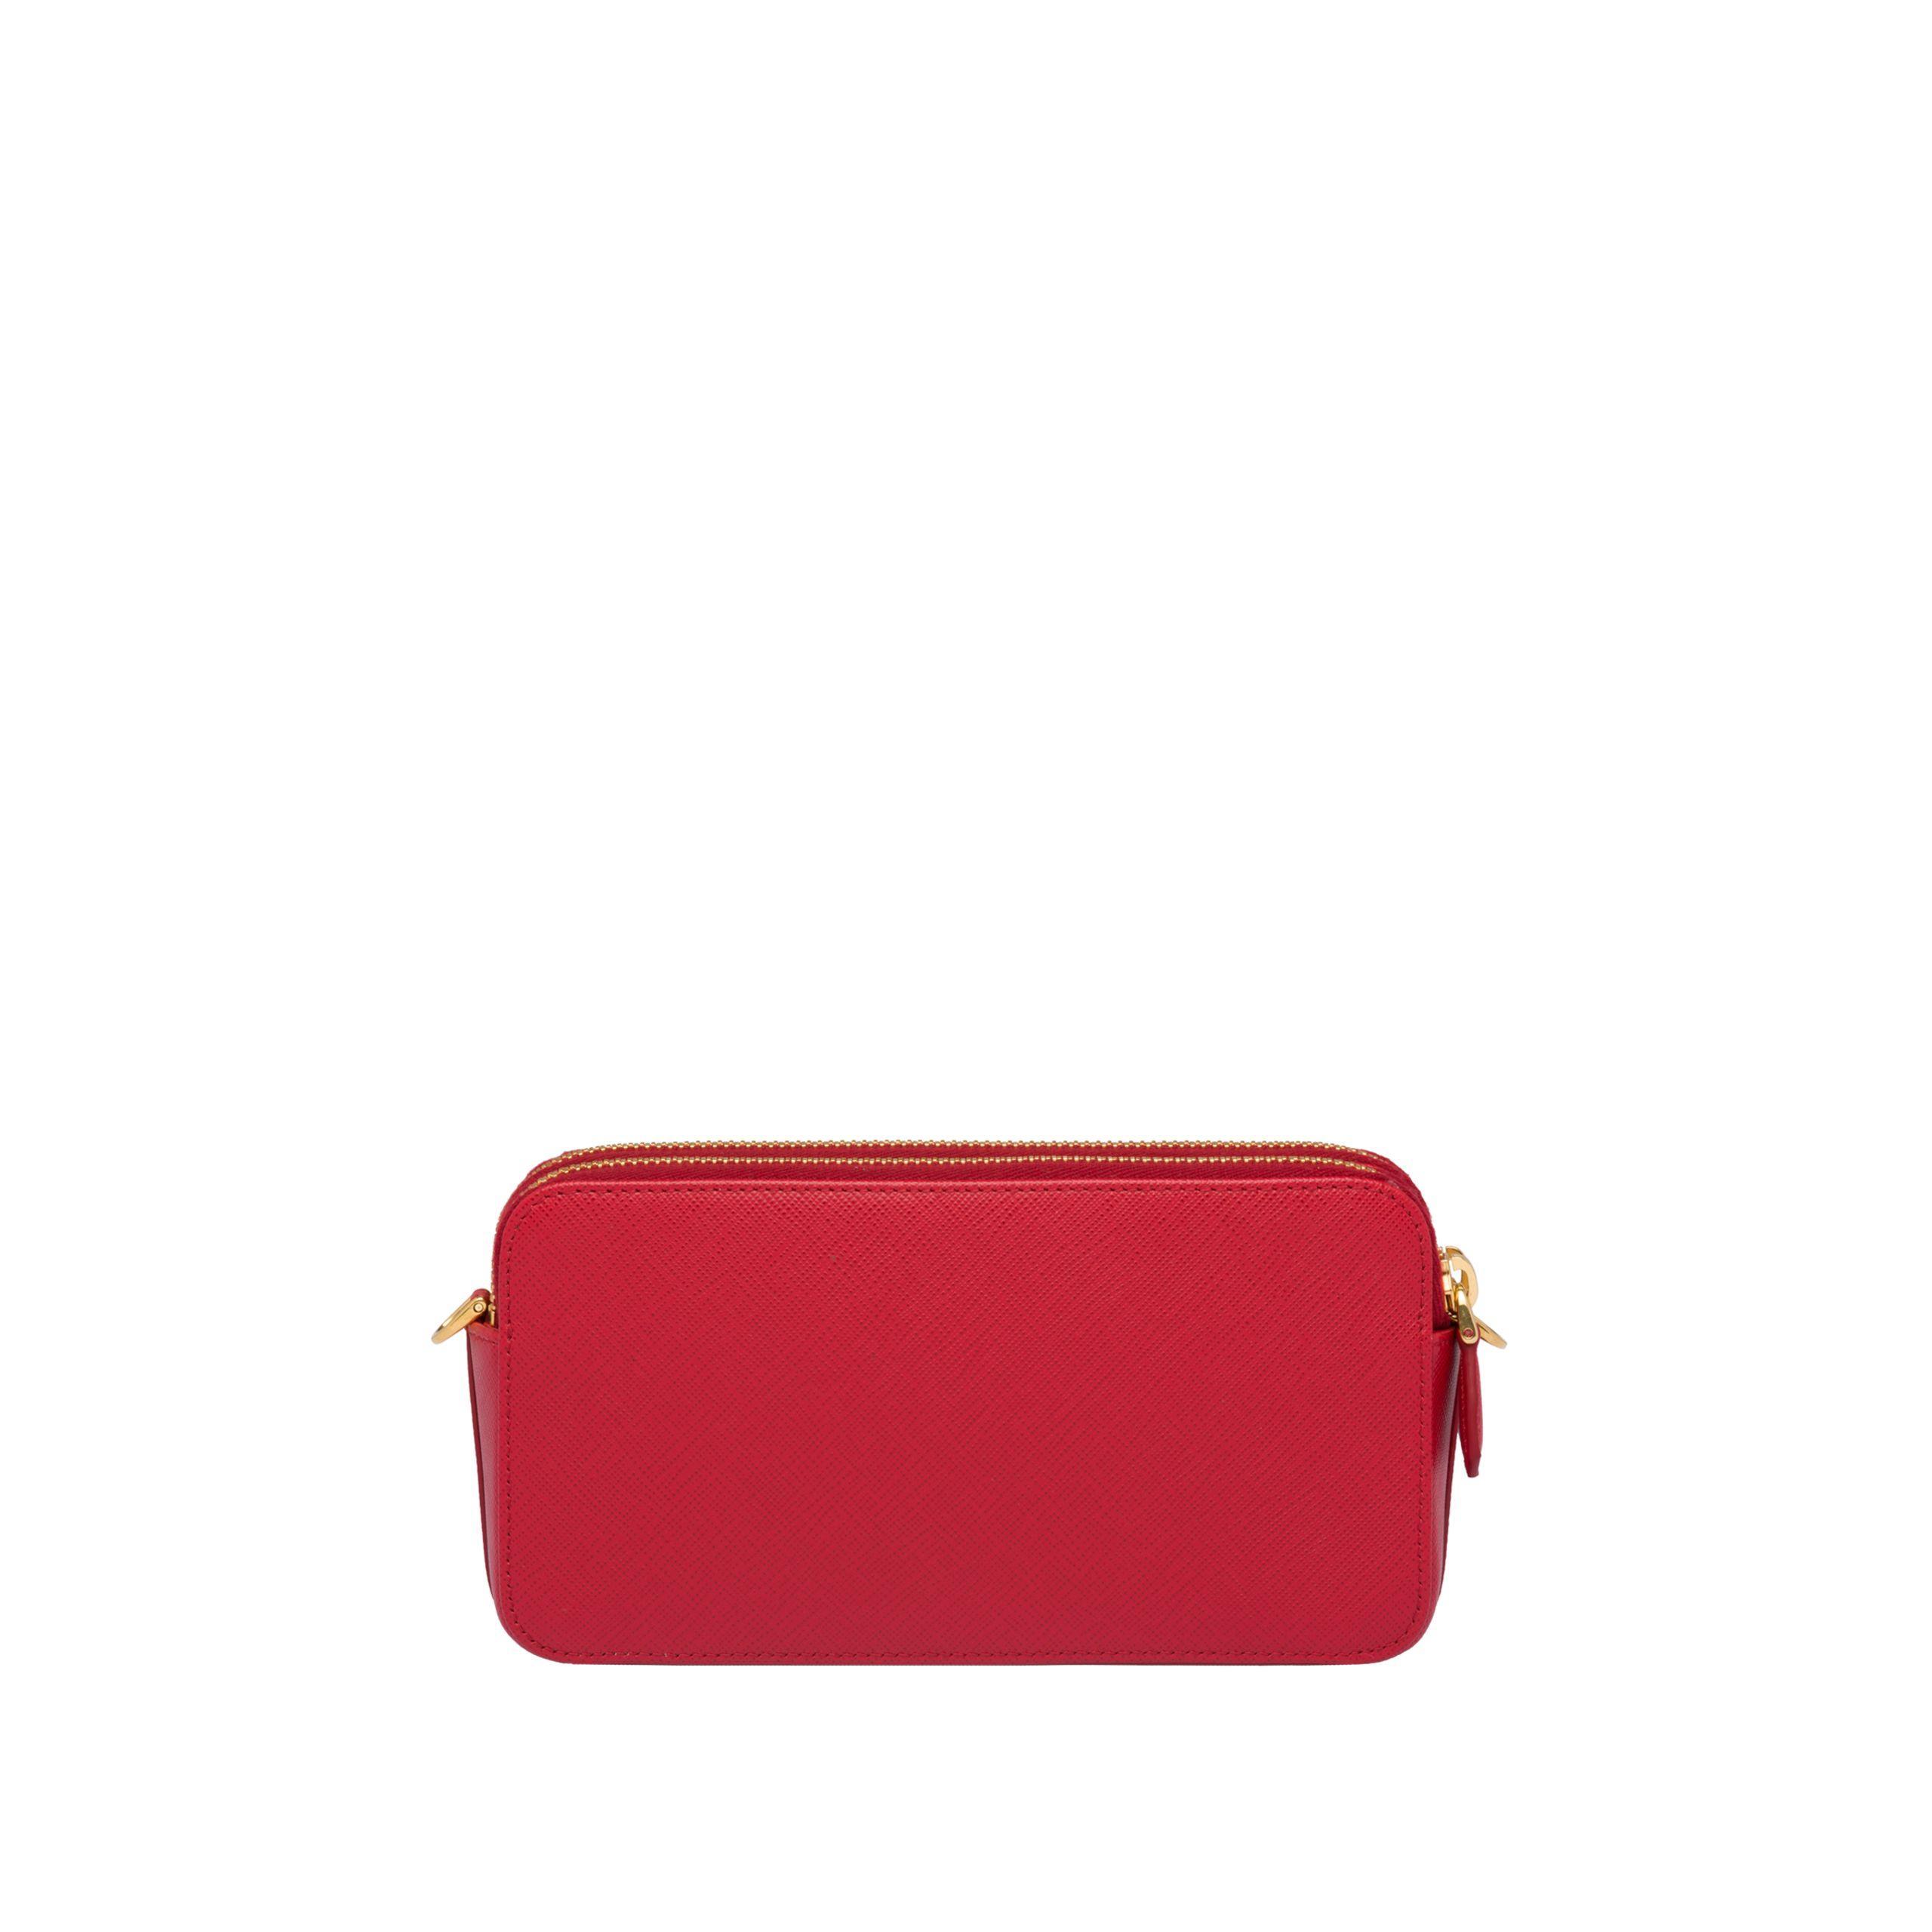 2186e56eca7d Prada - Red Saffiano Leather Mini Shoulder Bag - Lyst. View fullscreen